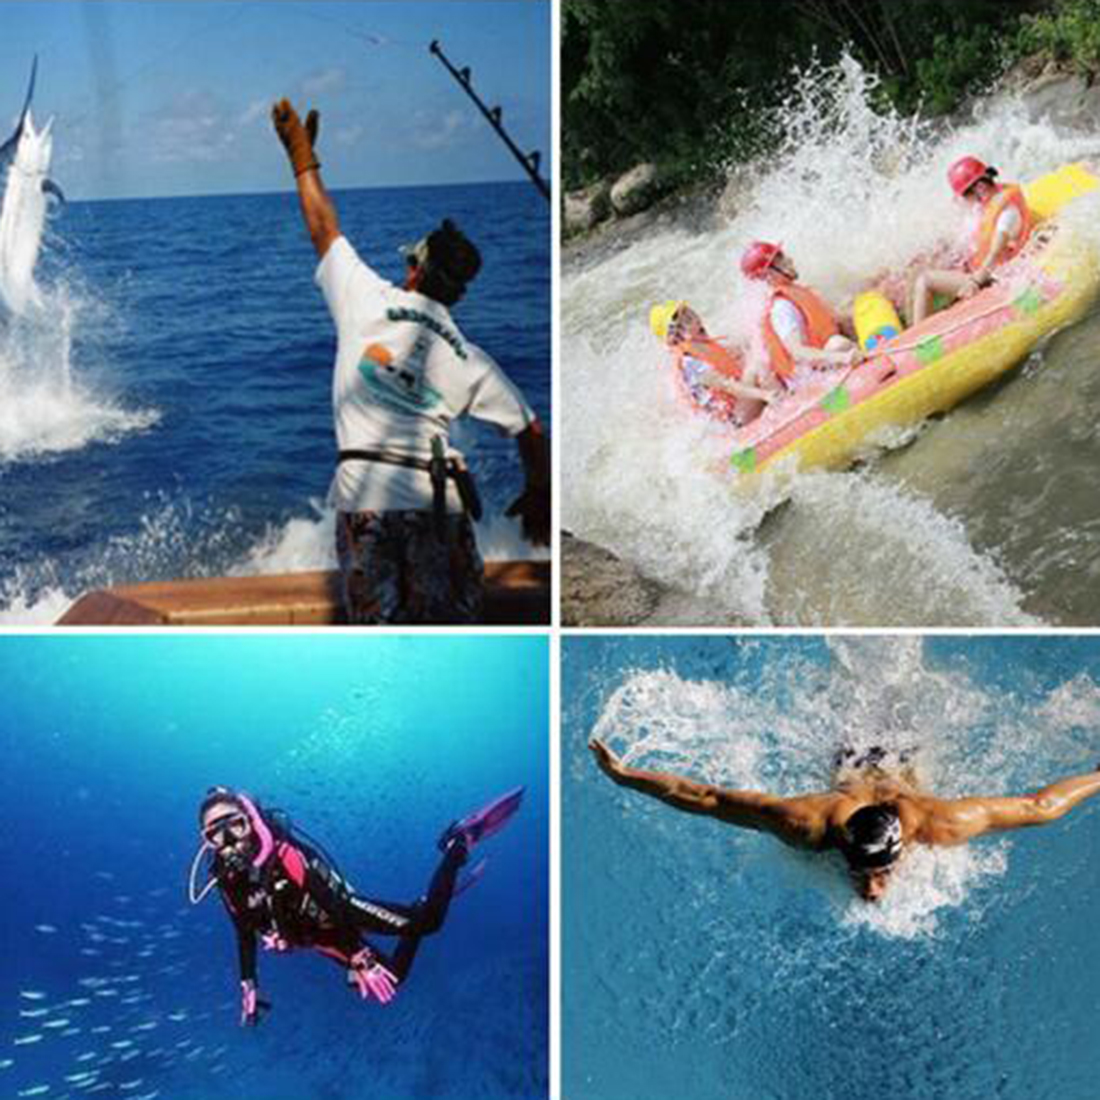 Custodia subacquea universale per iPhone 6 6S Plus 5S SE 7 7 Plus / - Organizzazione e deposito in casa - Fotografia 6